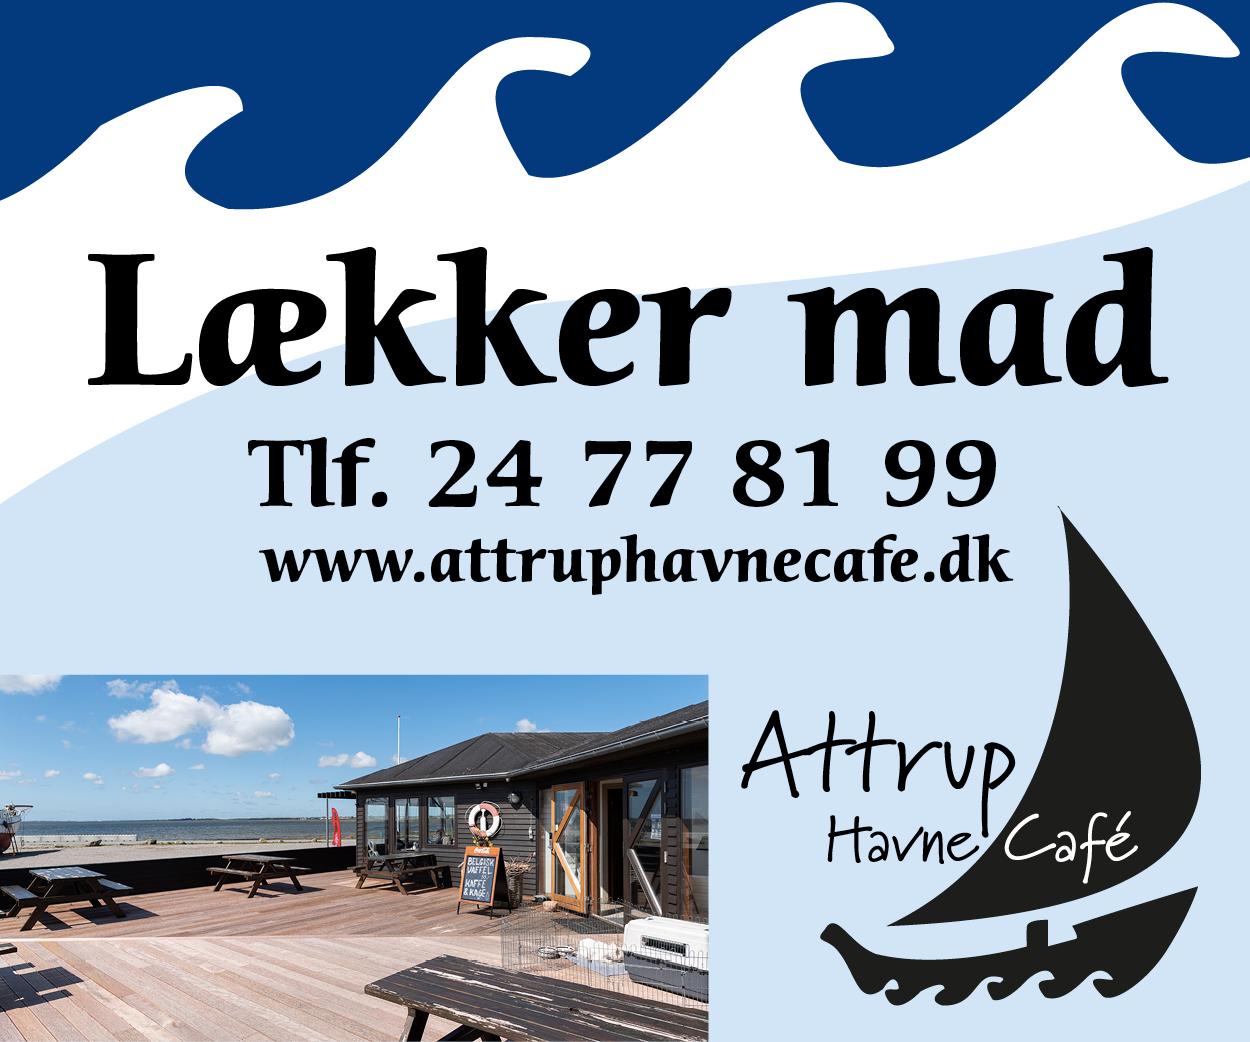 Attrup Havne Café banner 1